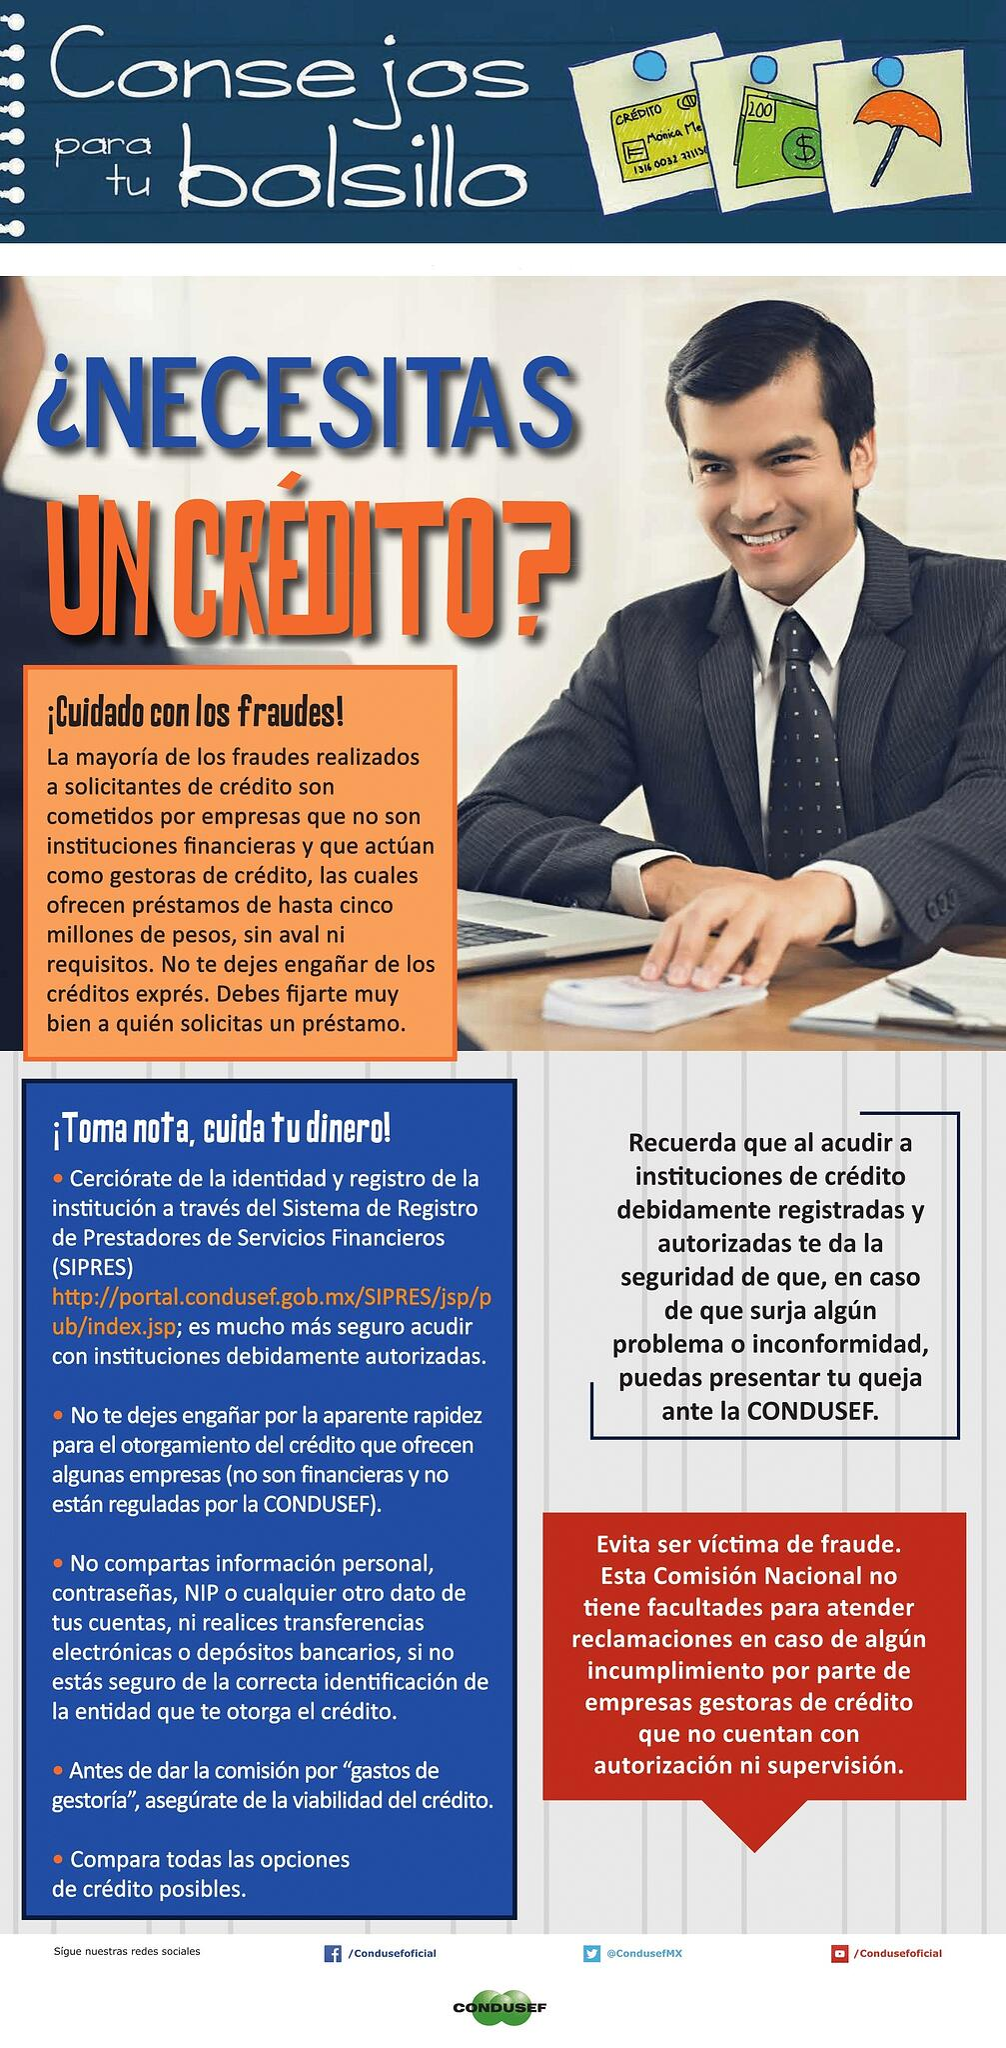 ¿Necesitas un crédito?